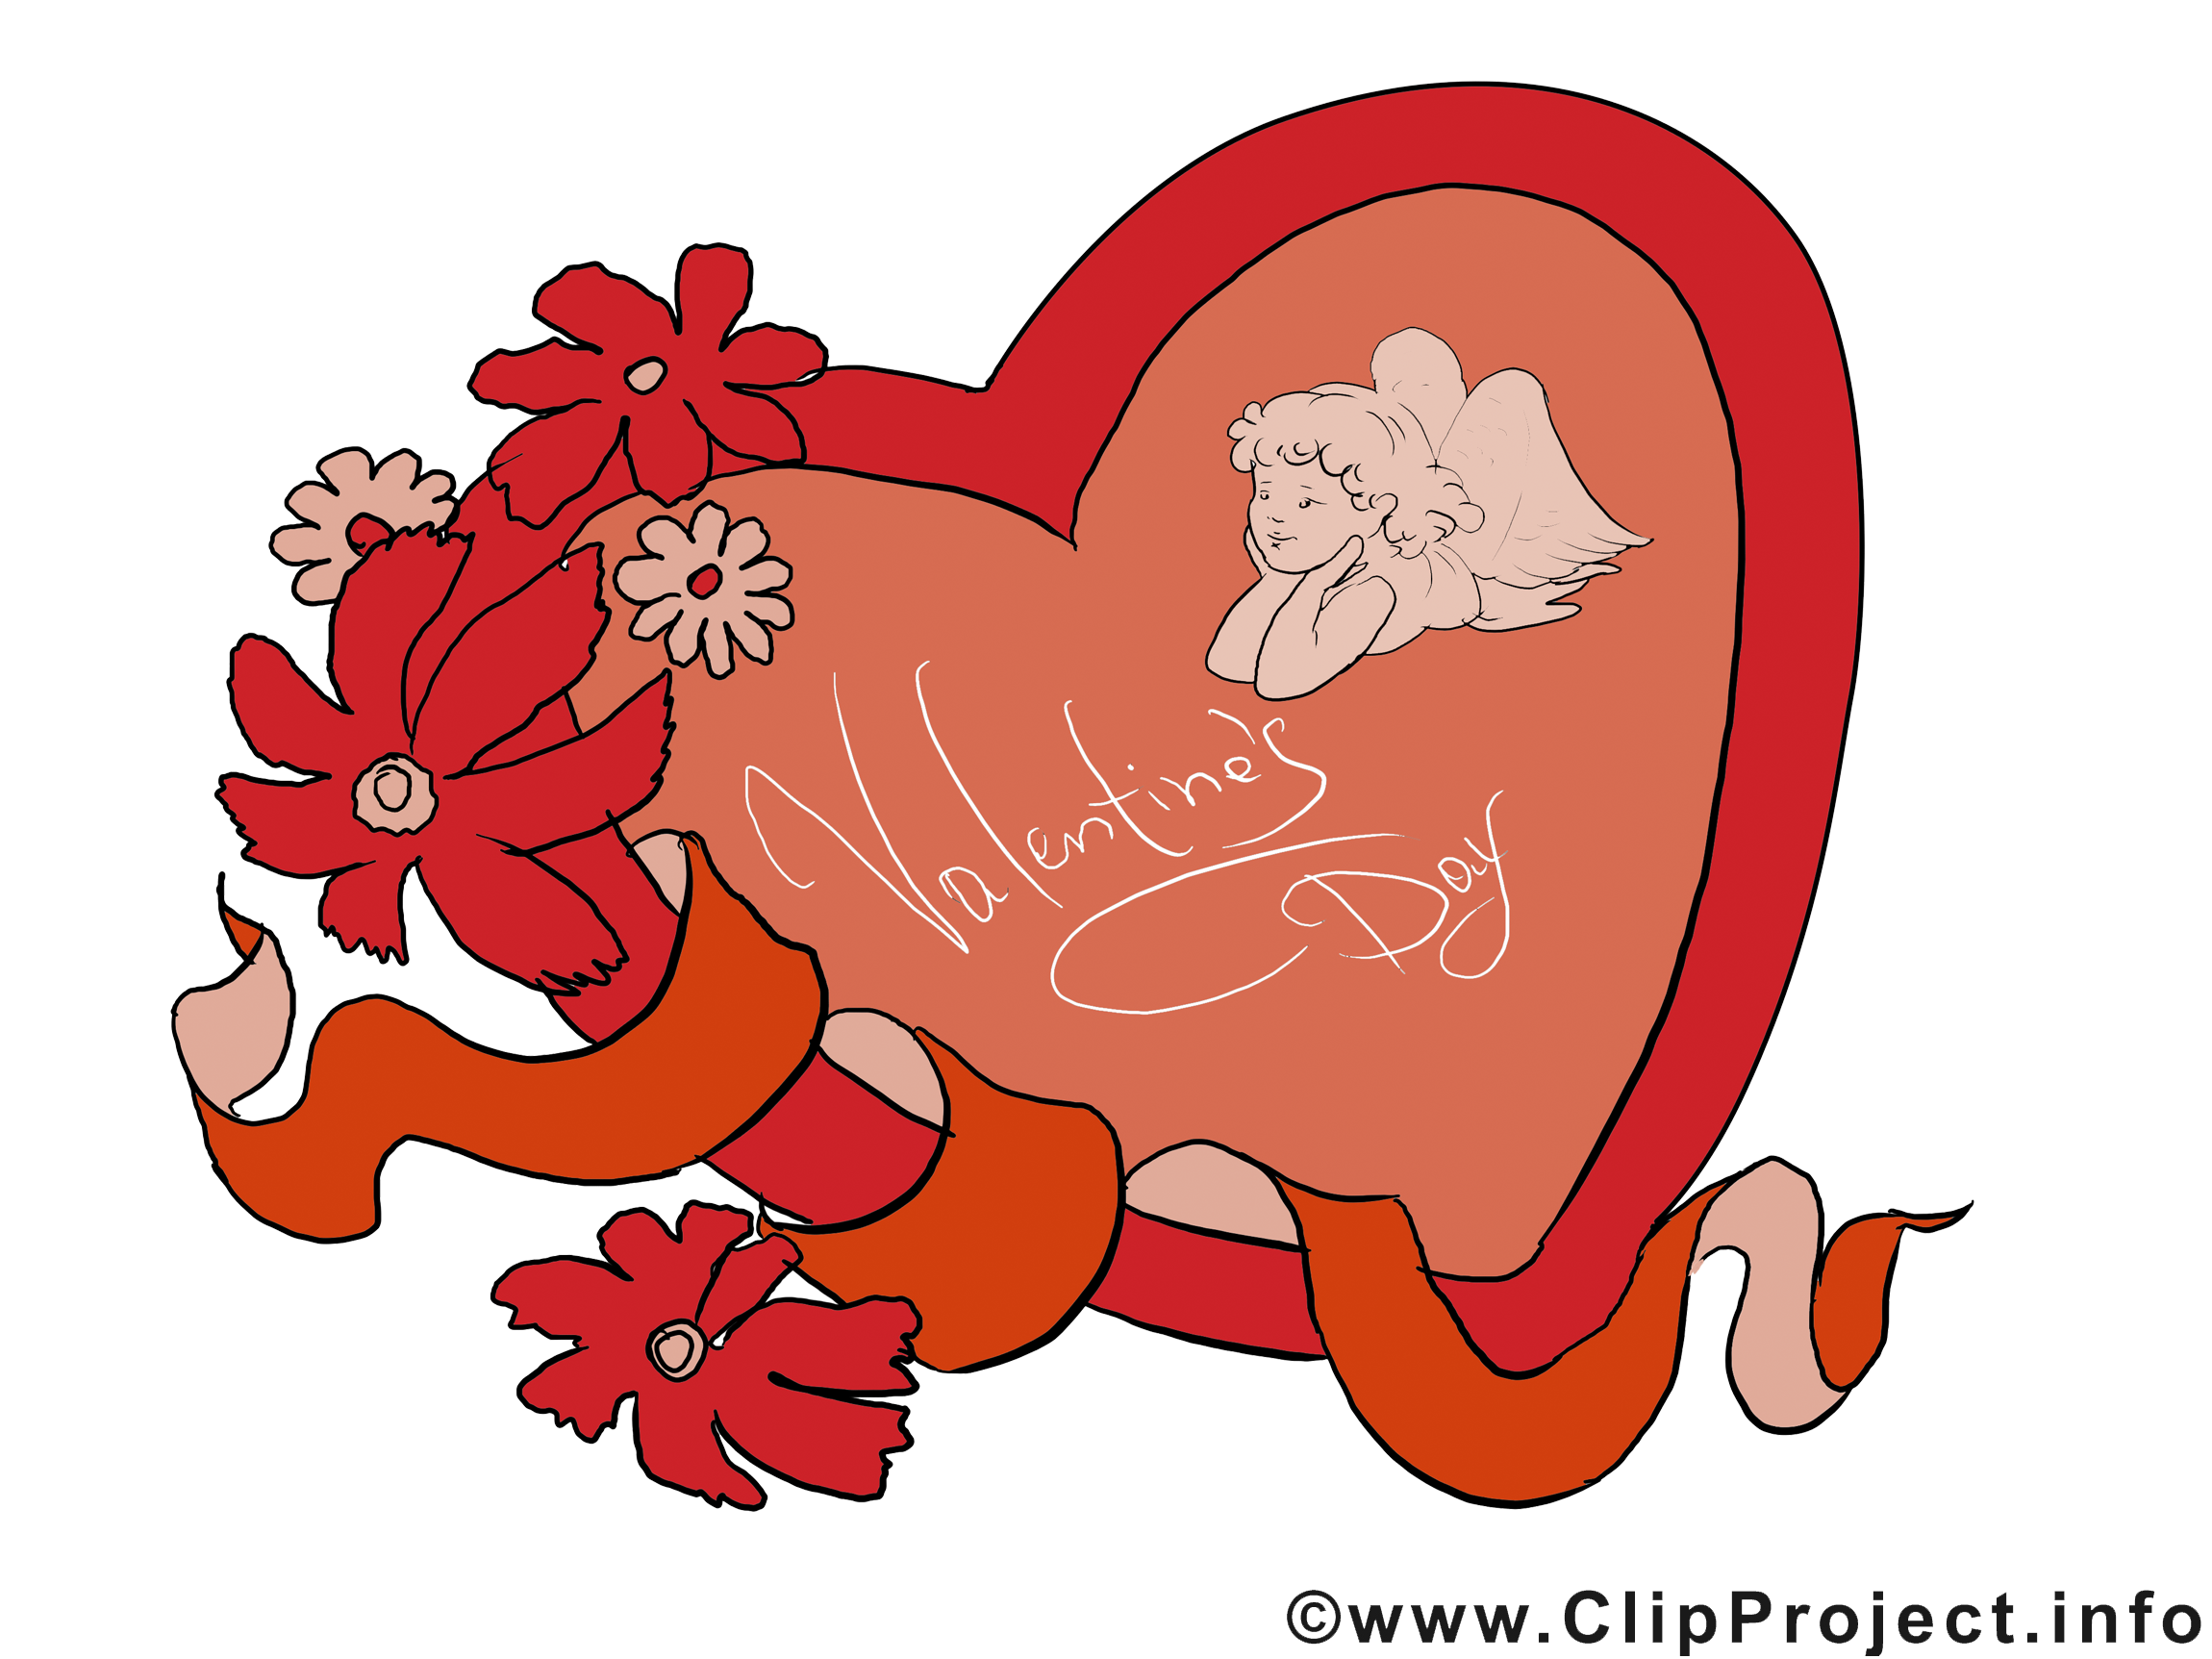 Jour de Saint-Valentin cartes gratuites